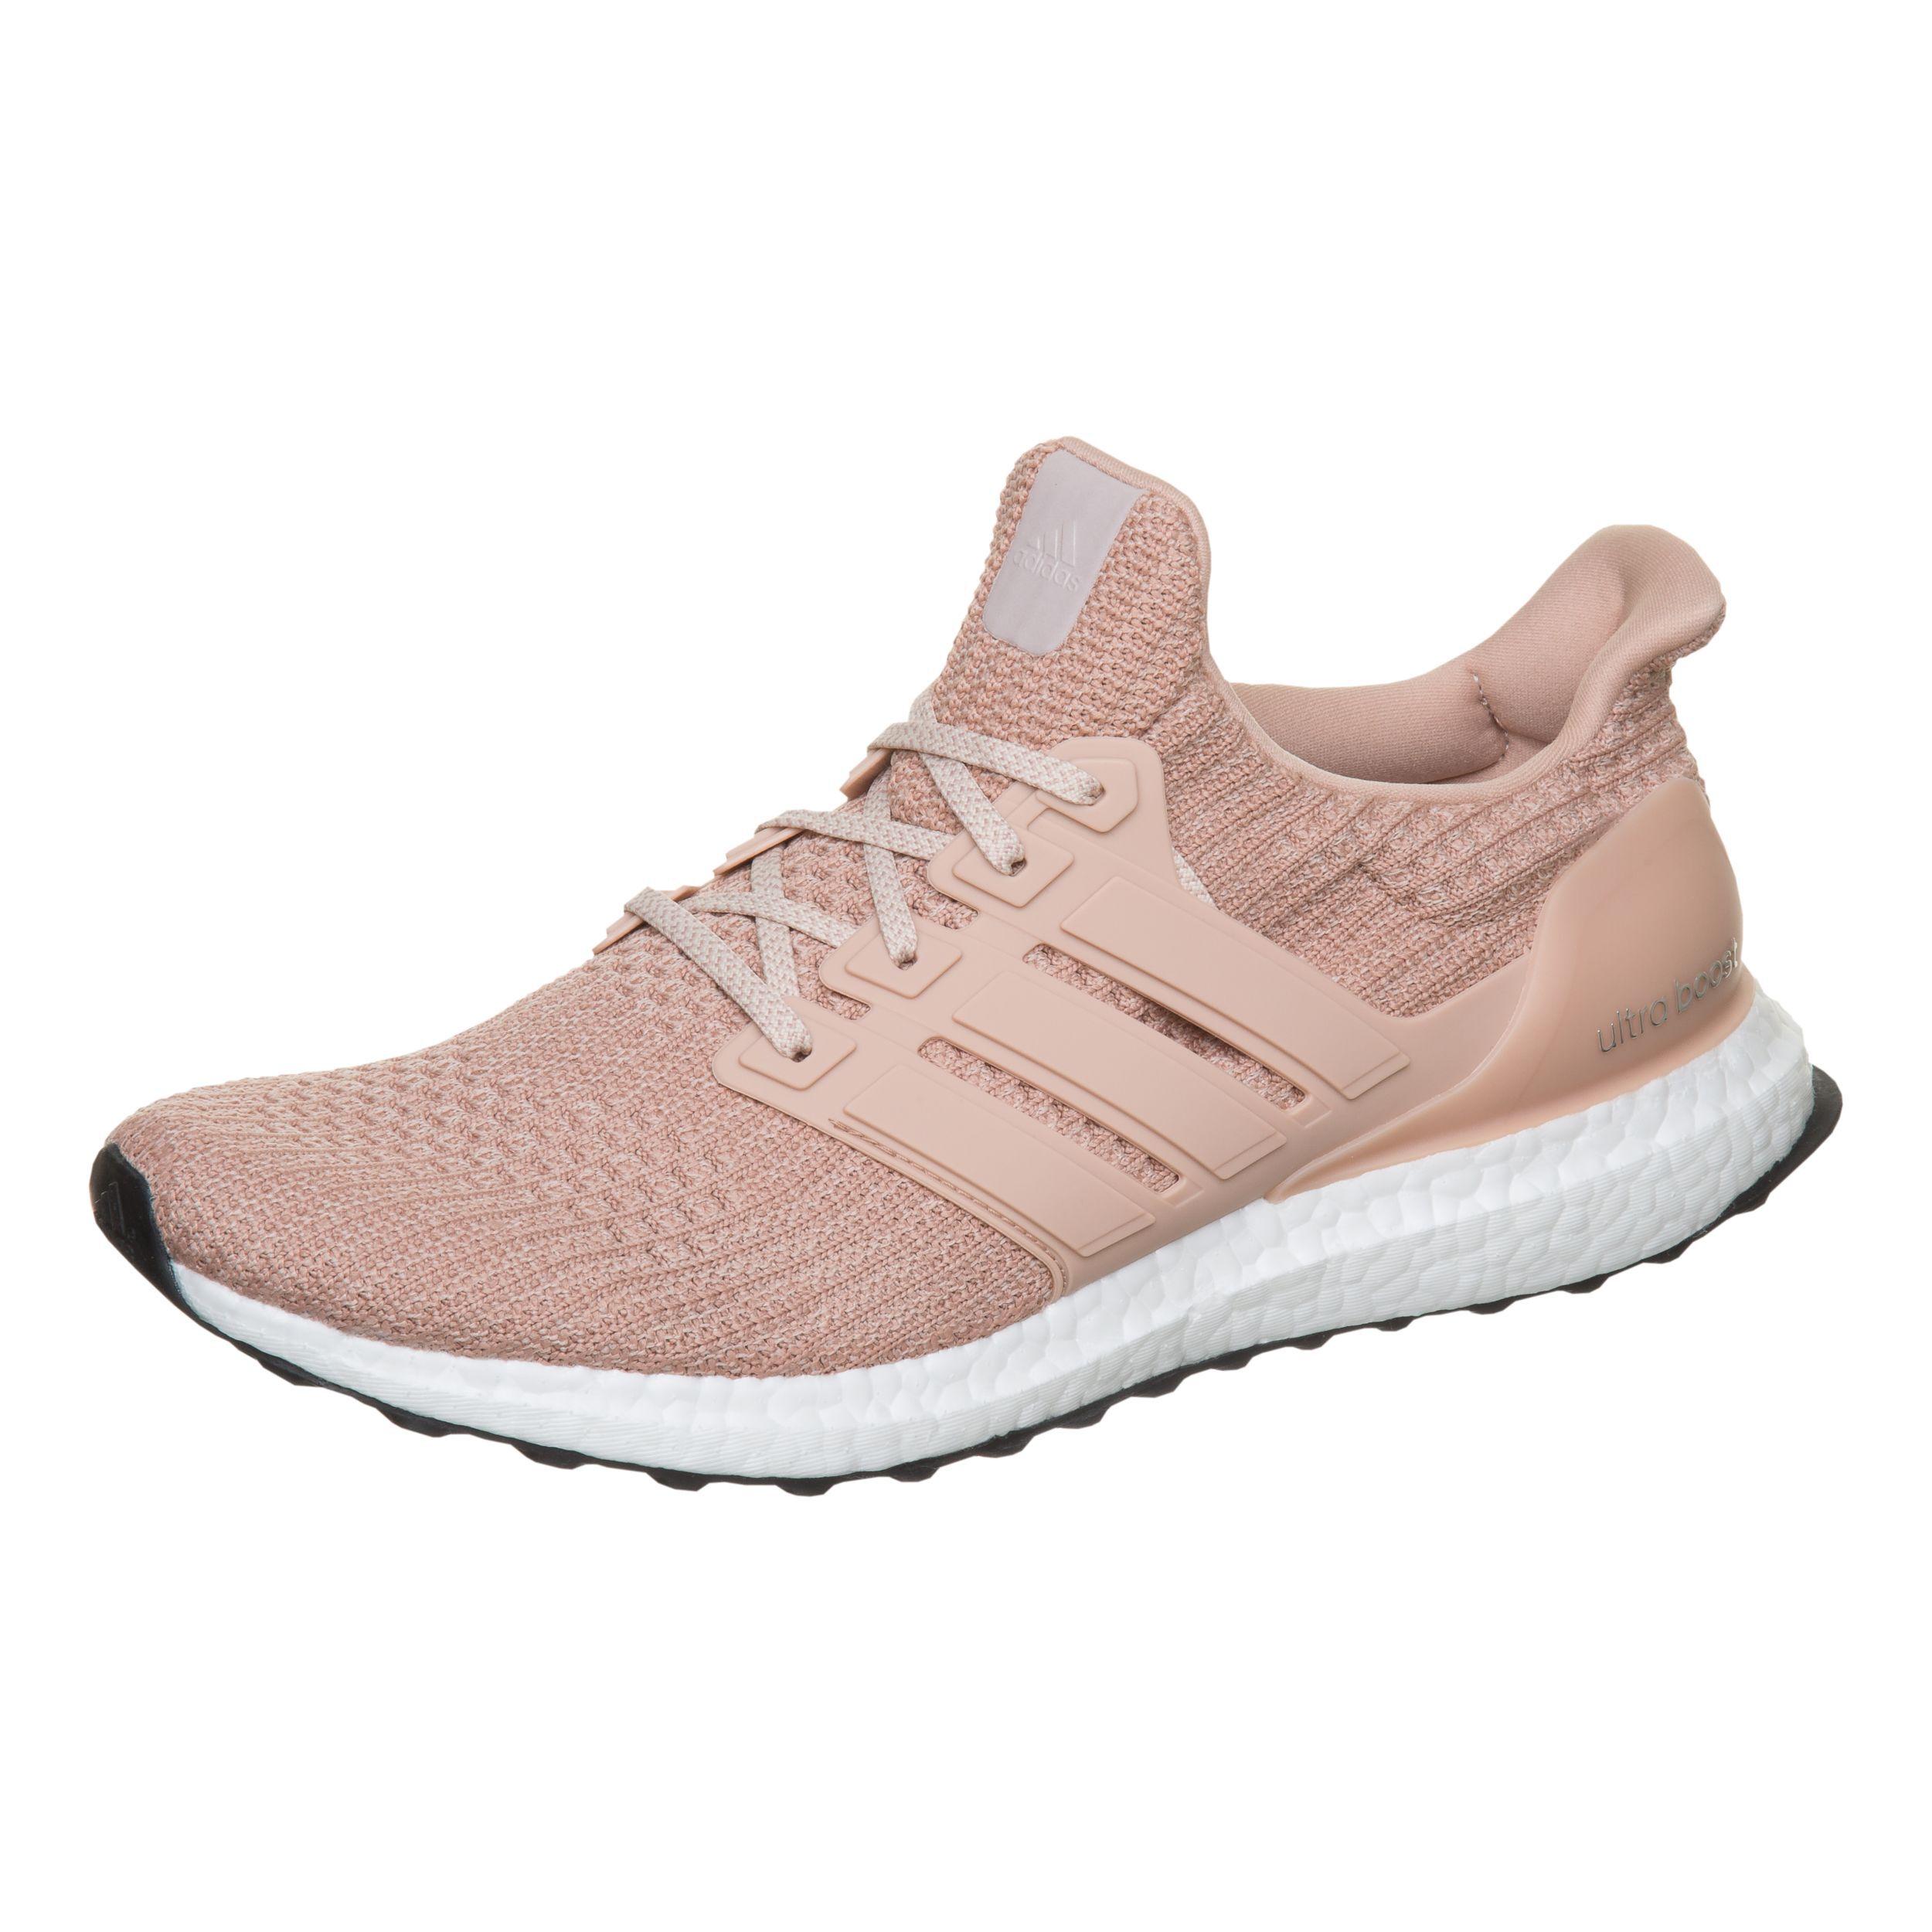 Disminución Analgésico preocuparse  adidas boost rosa buy clothes shoes online